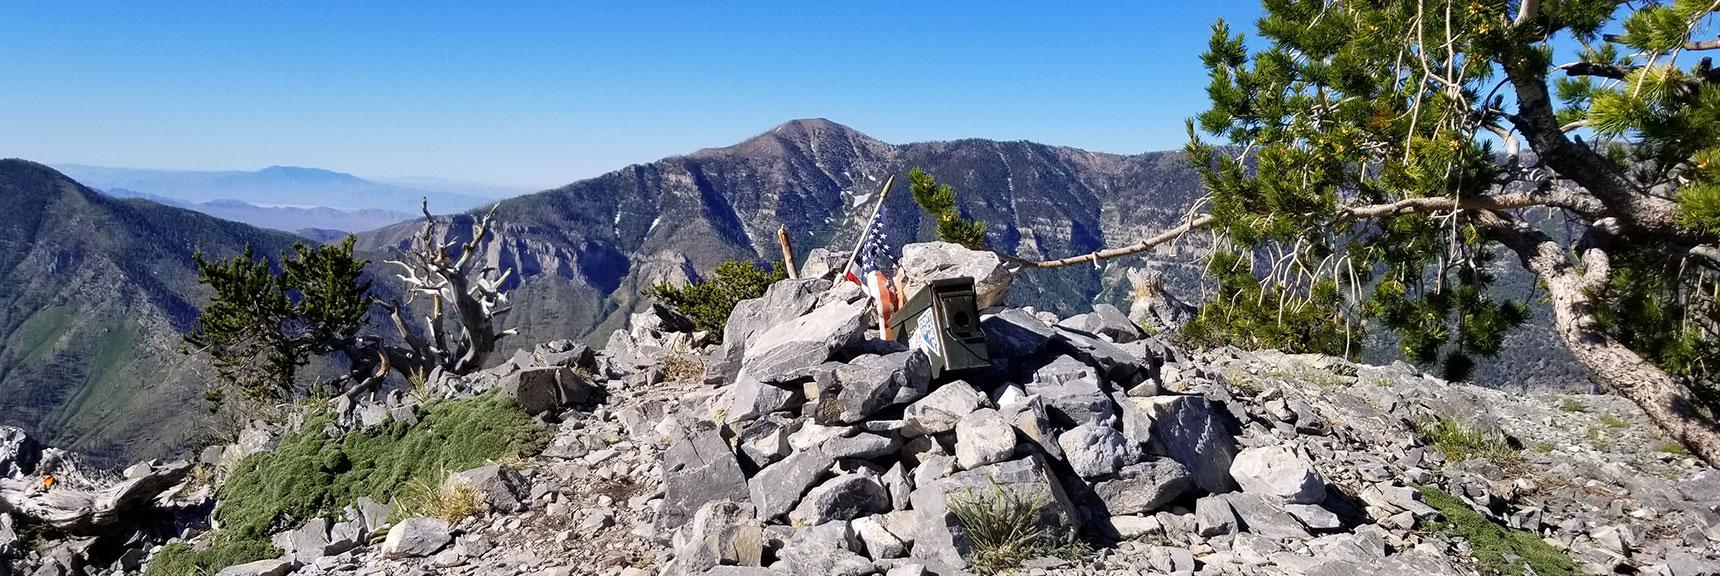 Fletcher Peak | Mt Charleston Wilderness | Spring Mountains, Nevada